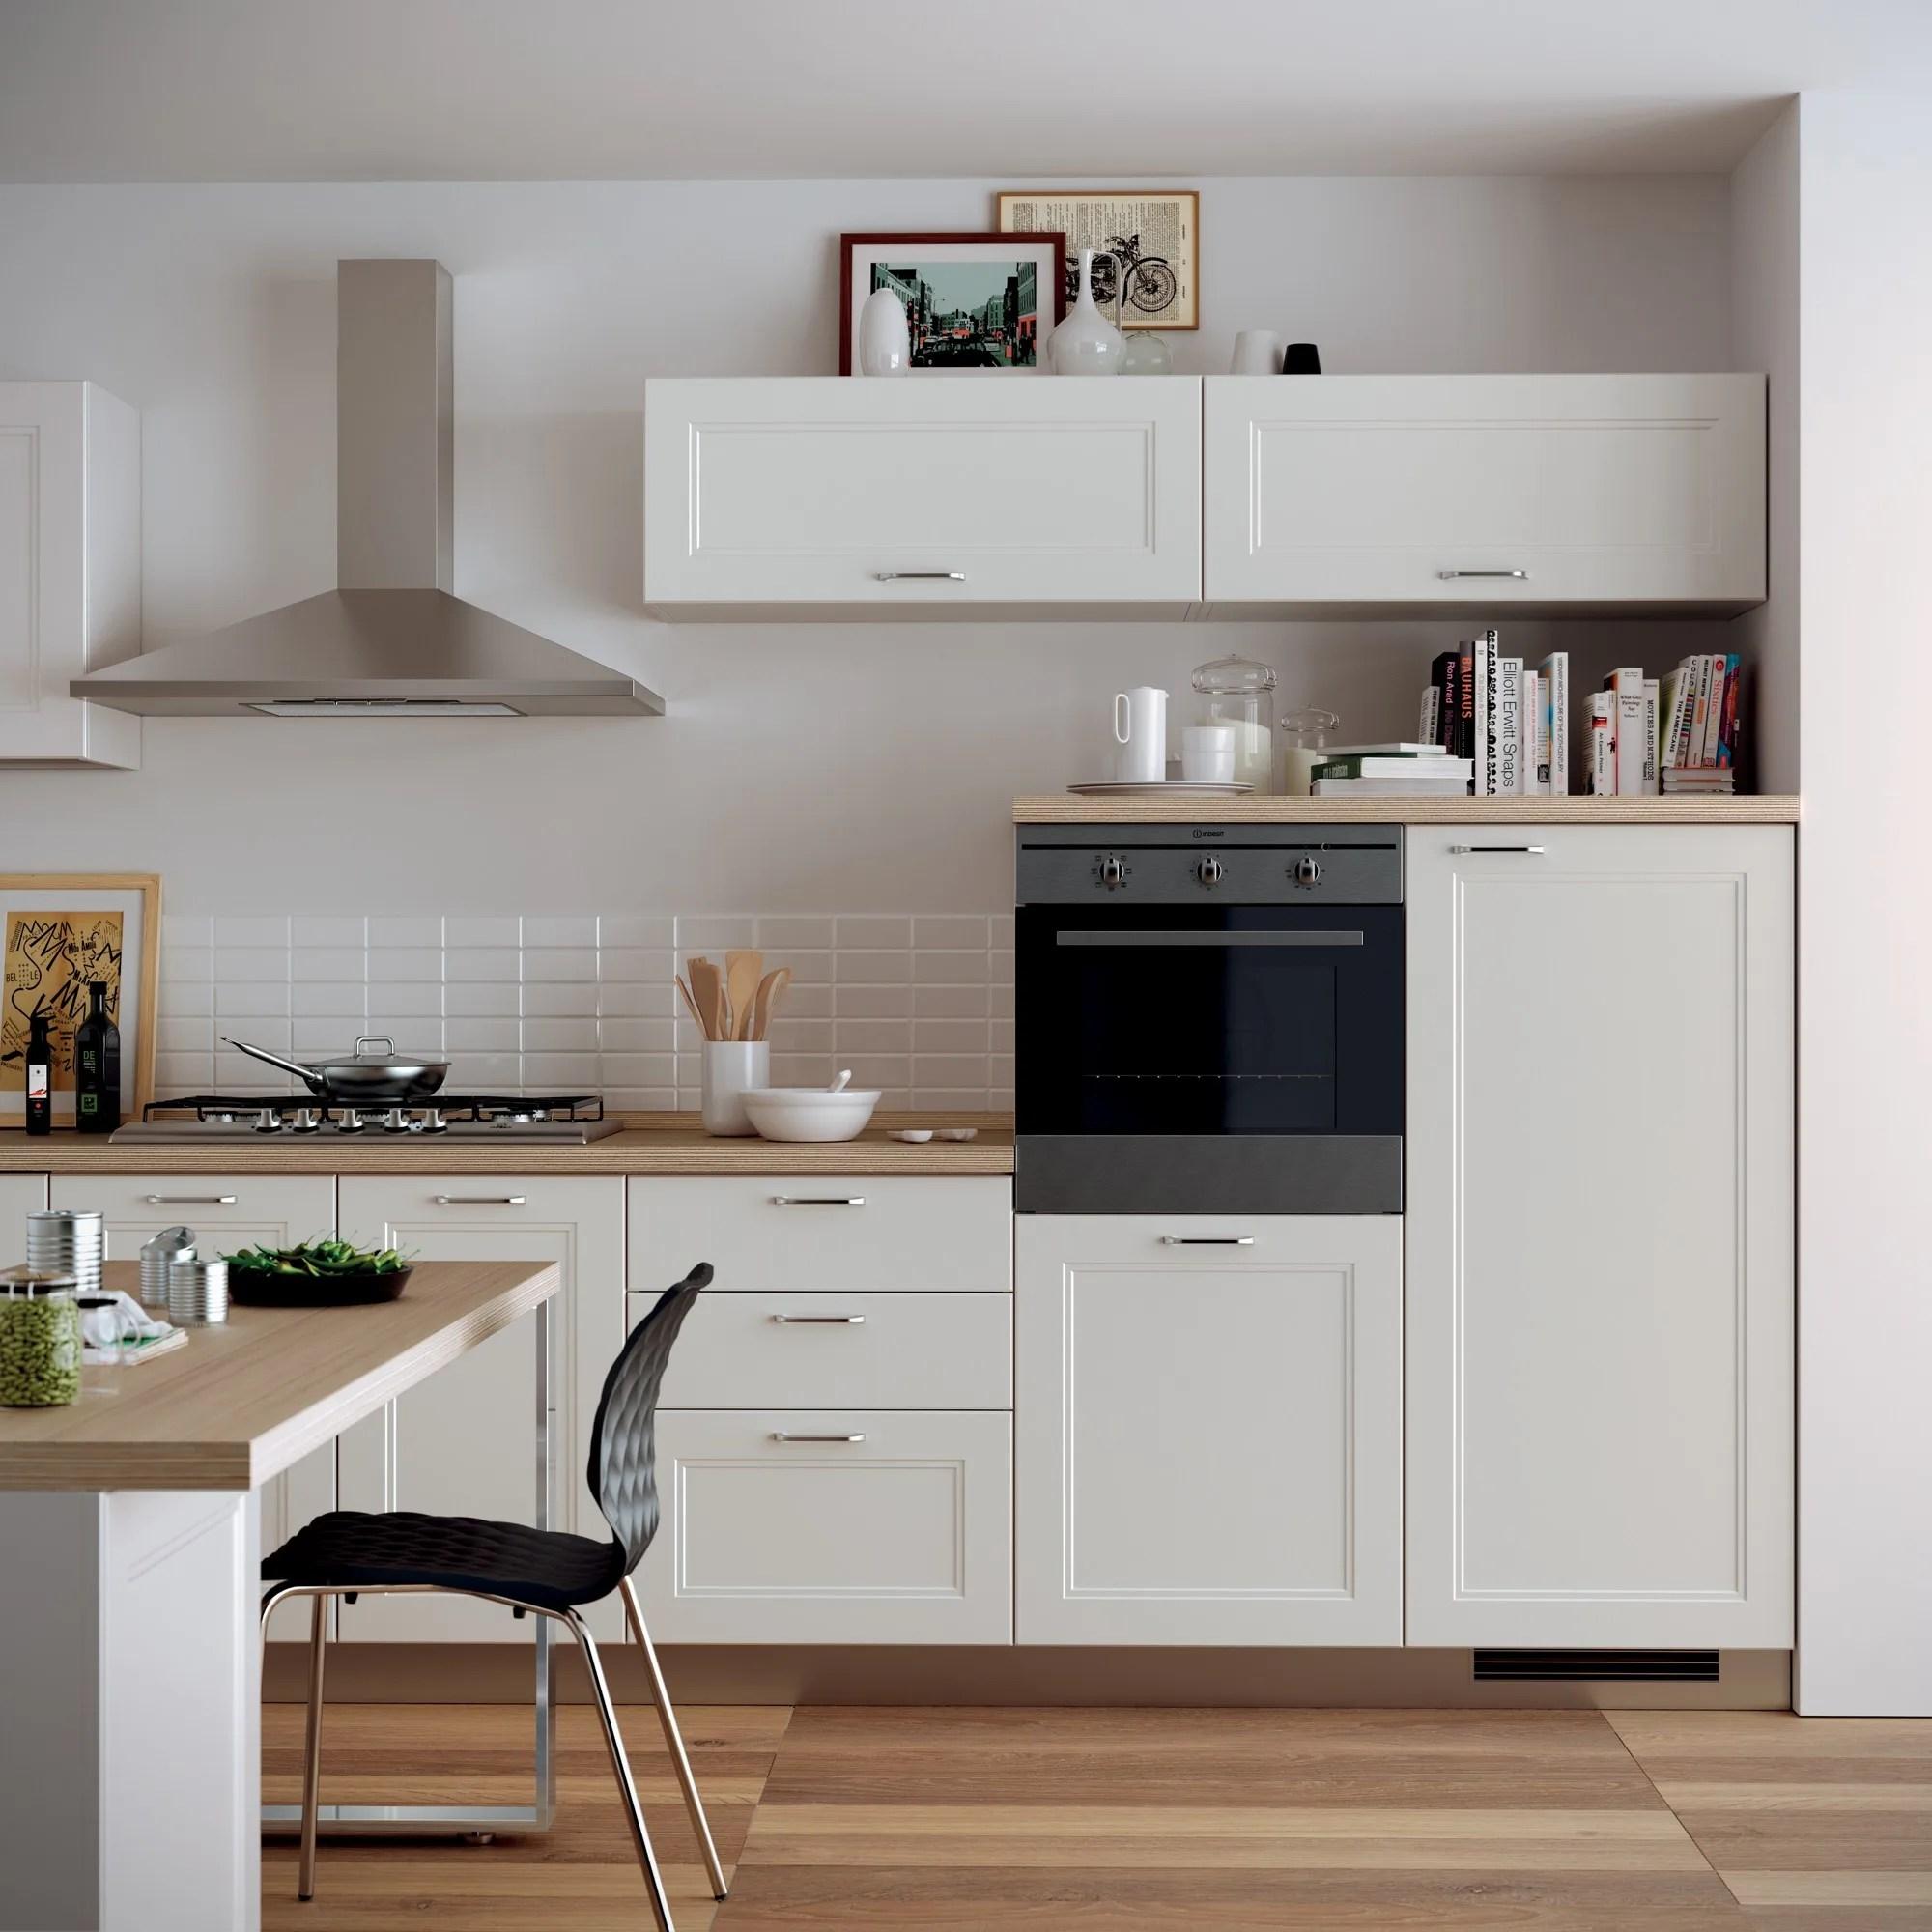 Cucina componibile COLONY Linea Scavolini Easy By Scavolini